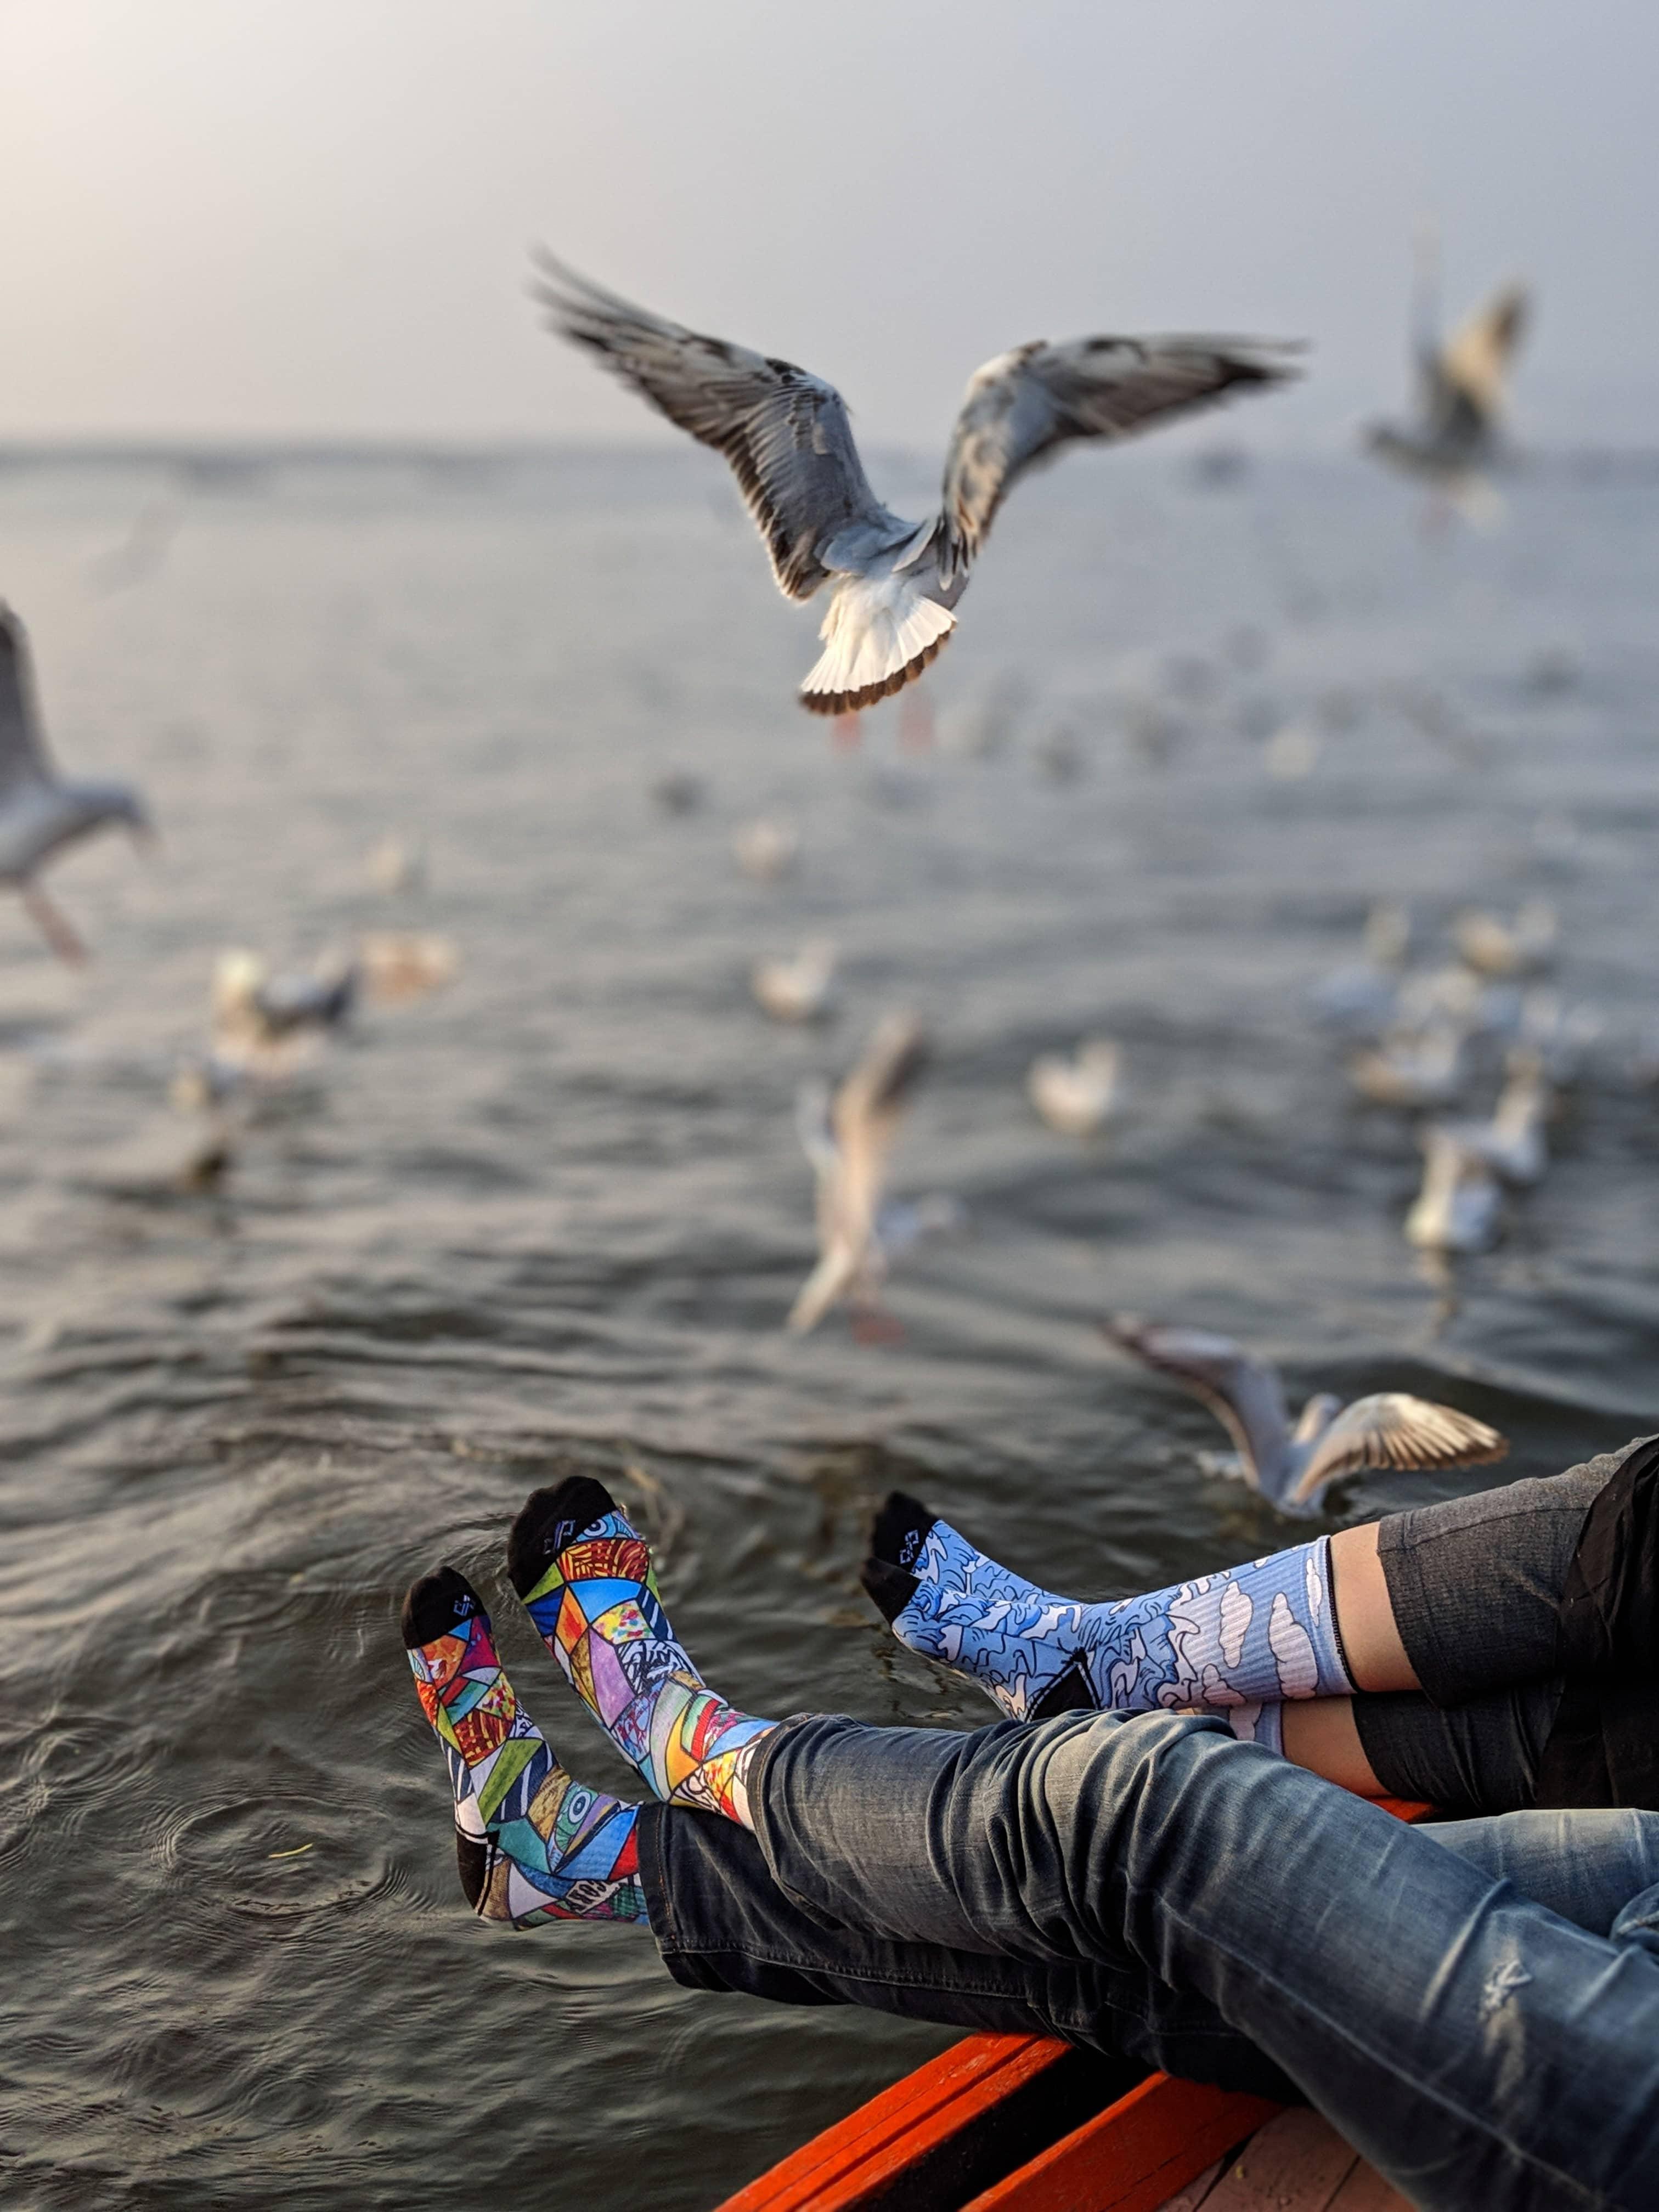 Dynamocks waves and art bomb socks for men & Women